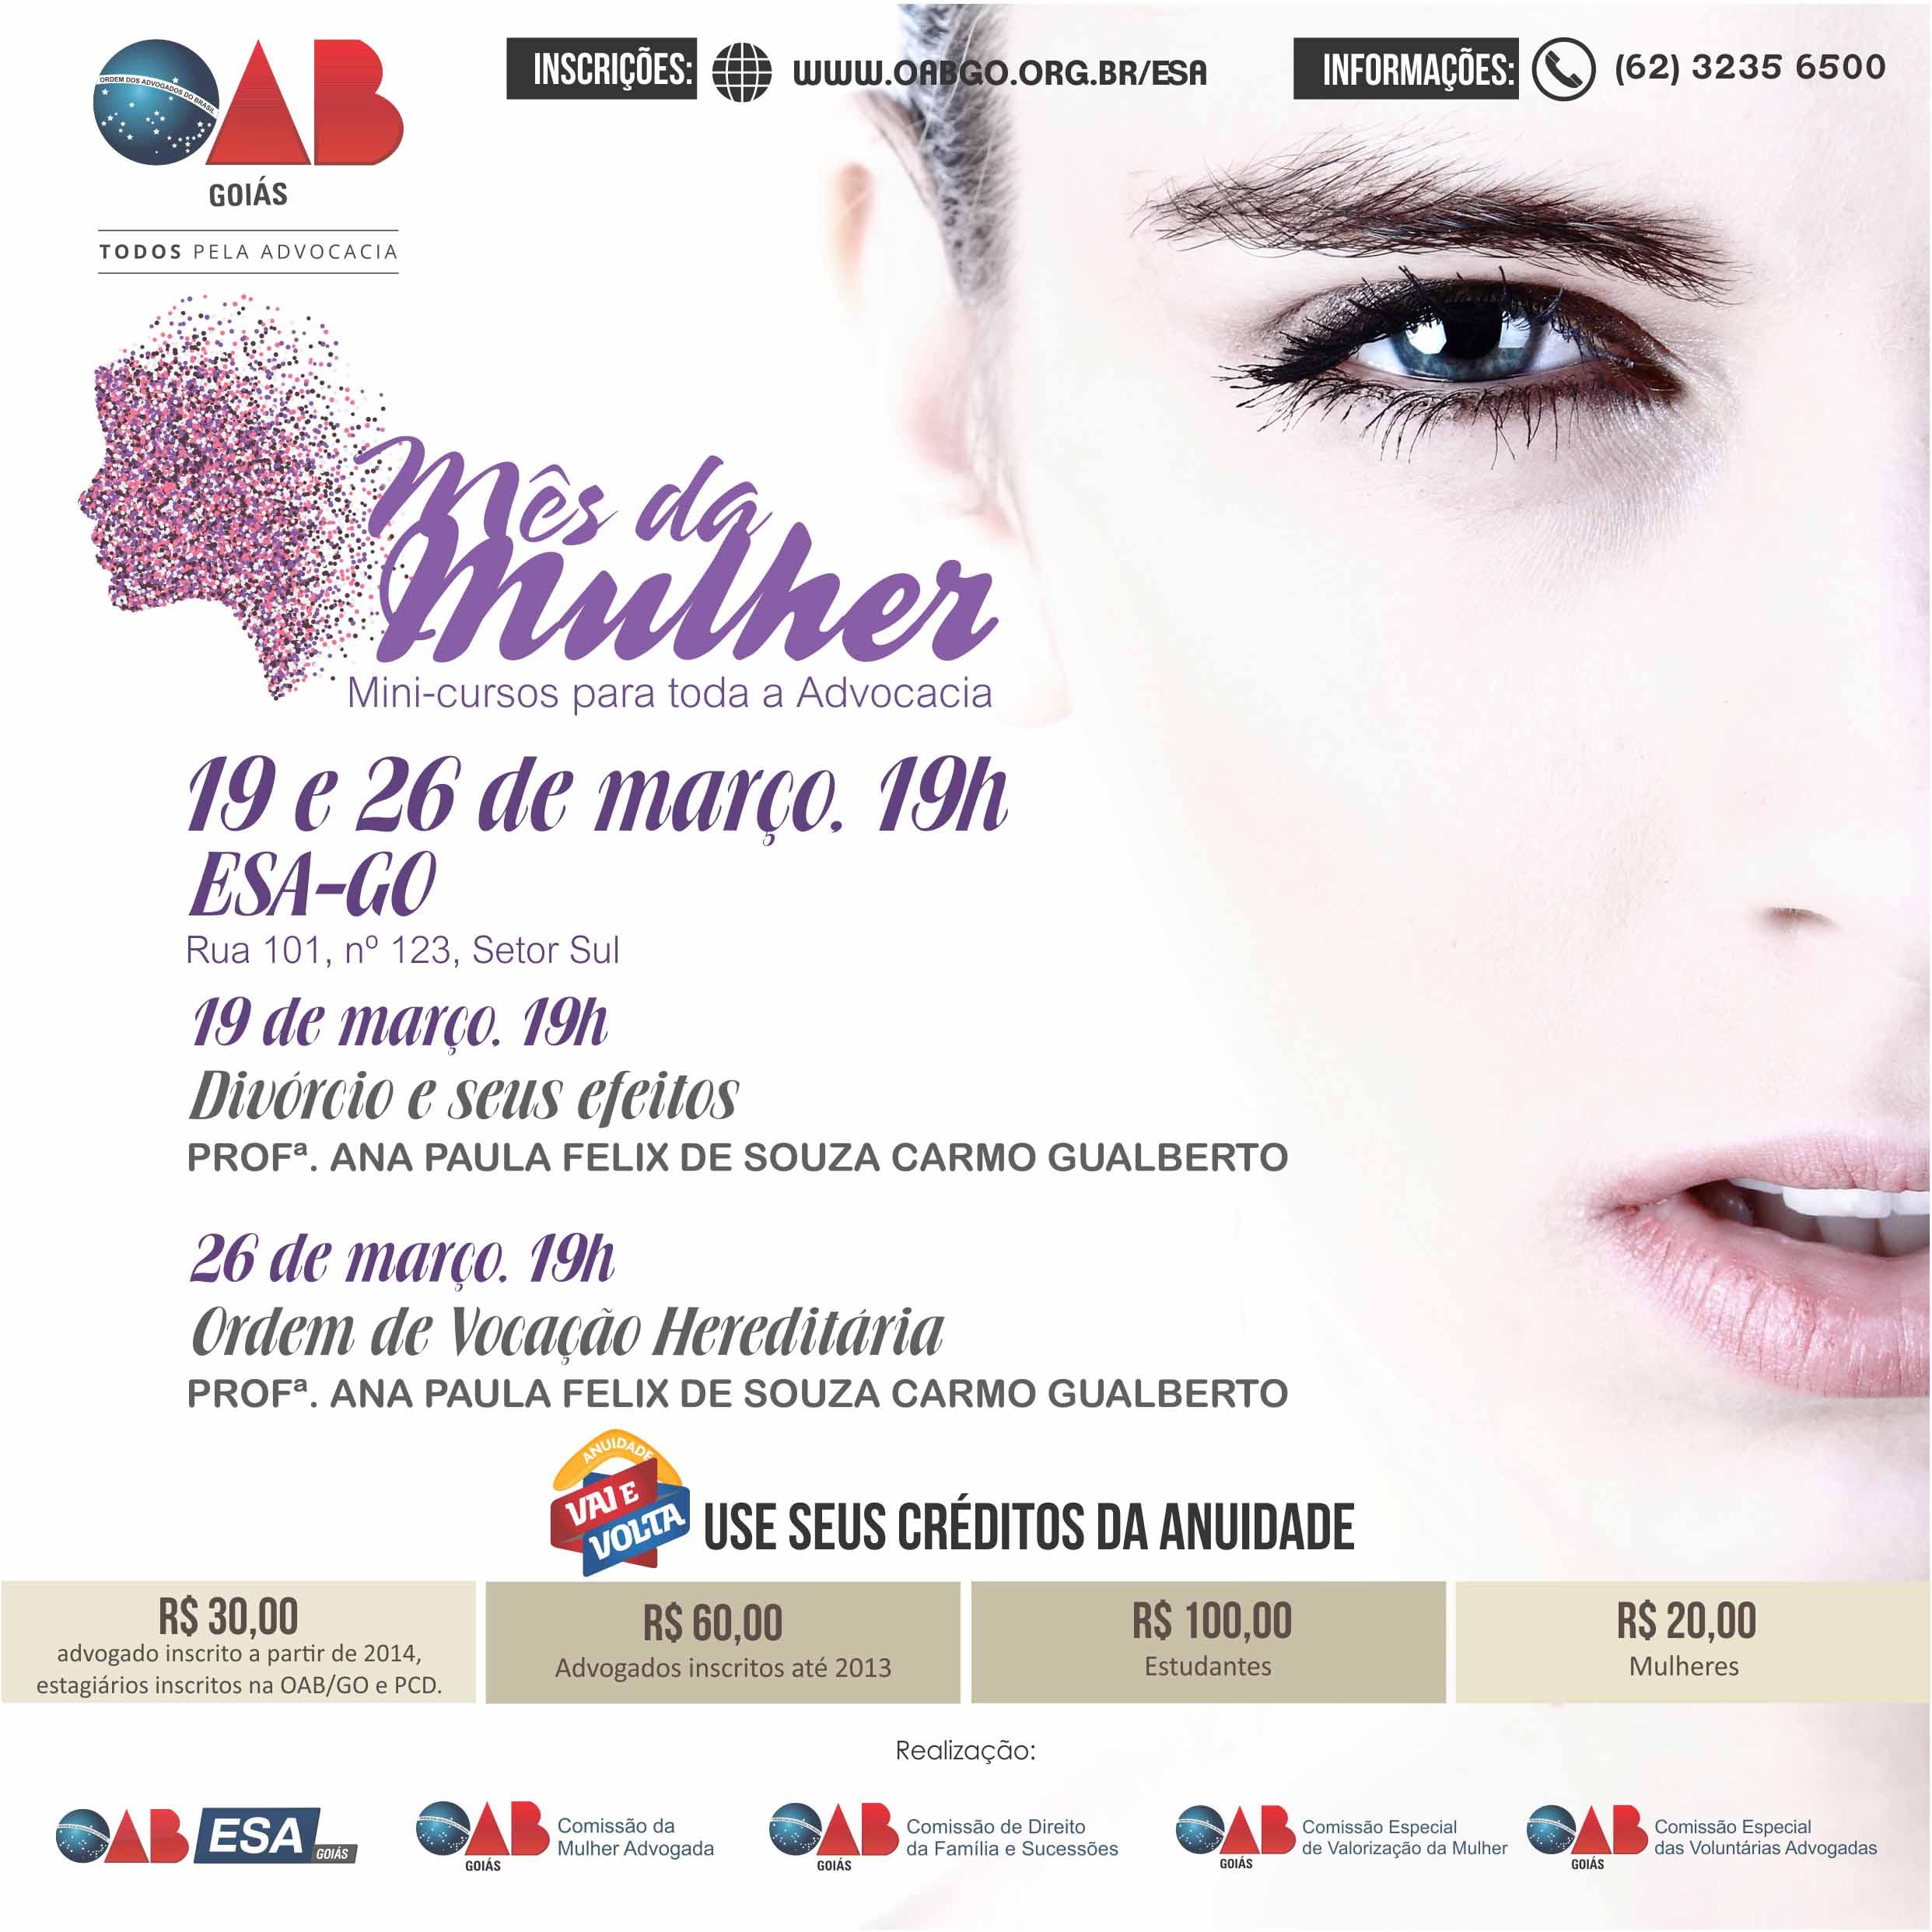 19 e 26.03 - Mês da Mulher- Mini-Curso - Direito de Família